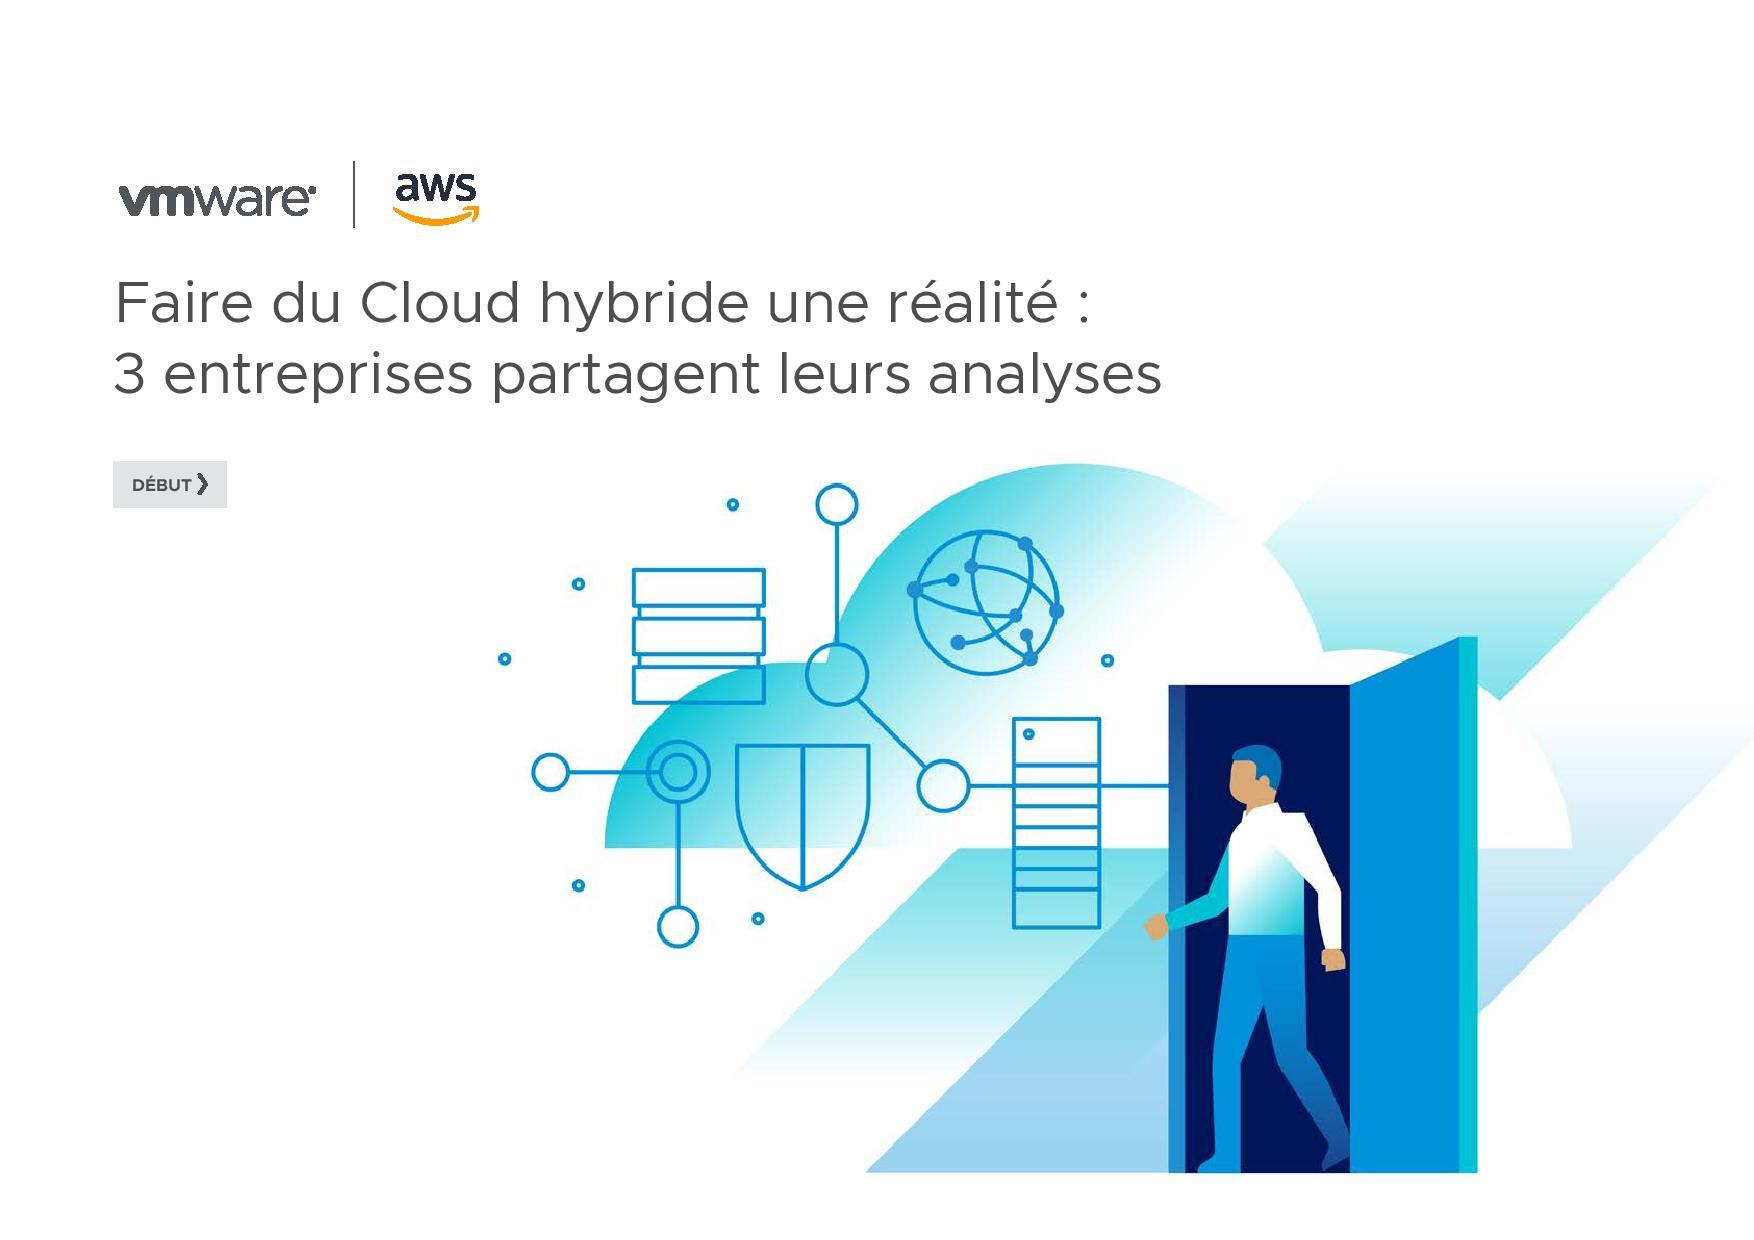 Faire du Cloud hybride une réalité: 3 entreprises partagent leurs analyses